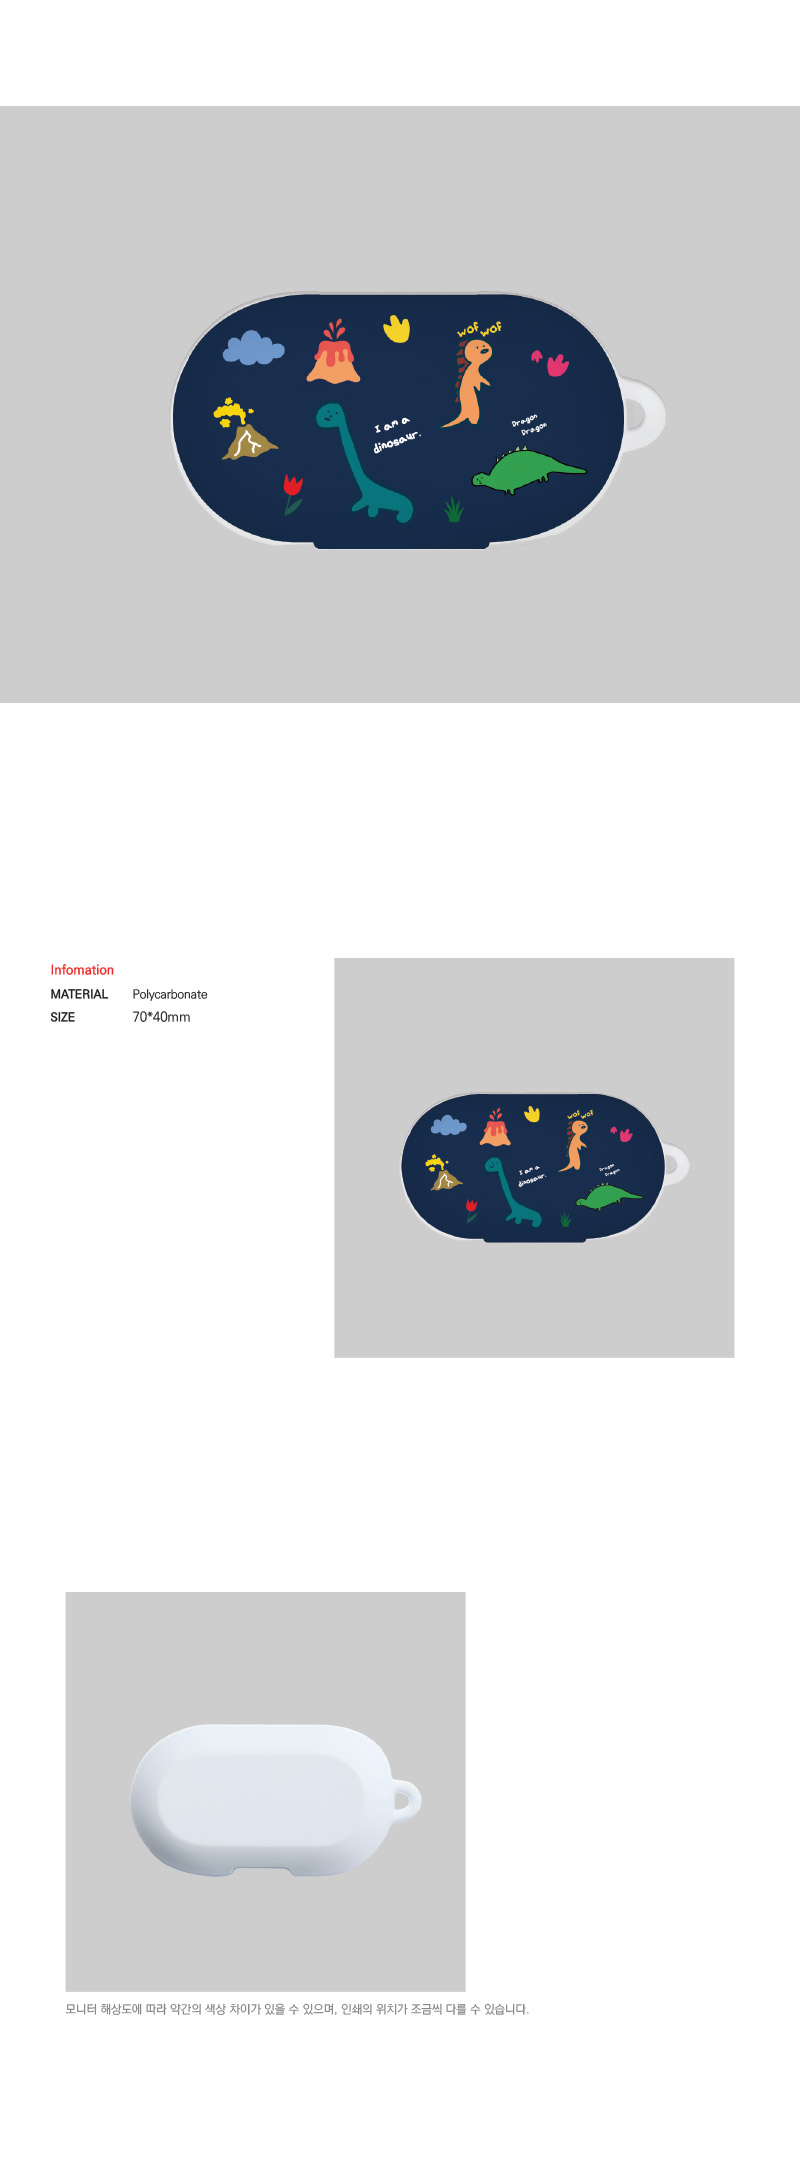 dino world 갤럭시 버즈케이스 - 주식회사 모먼트디자인, 10,800원, 케이스, 기타 갤럭시 제품